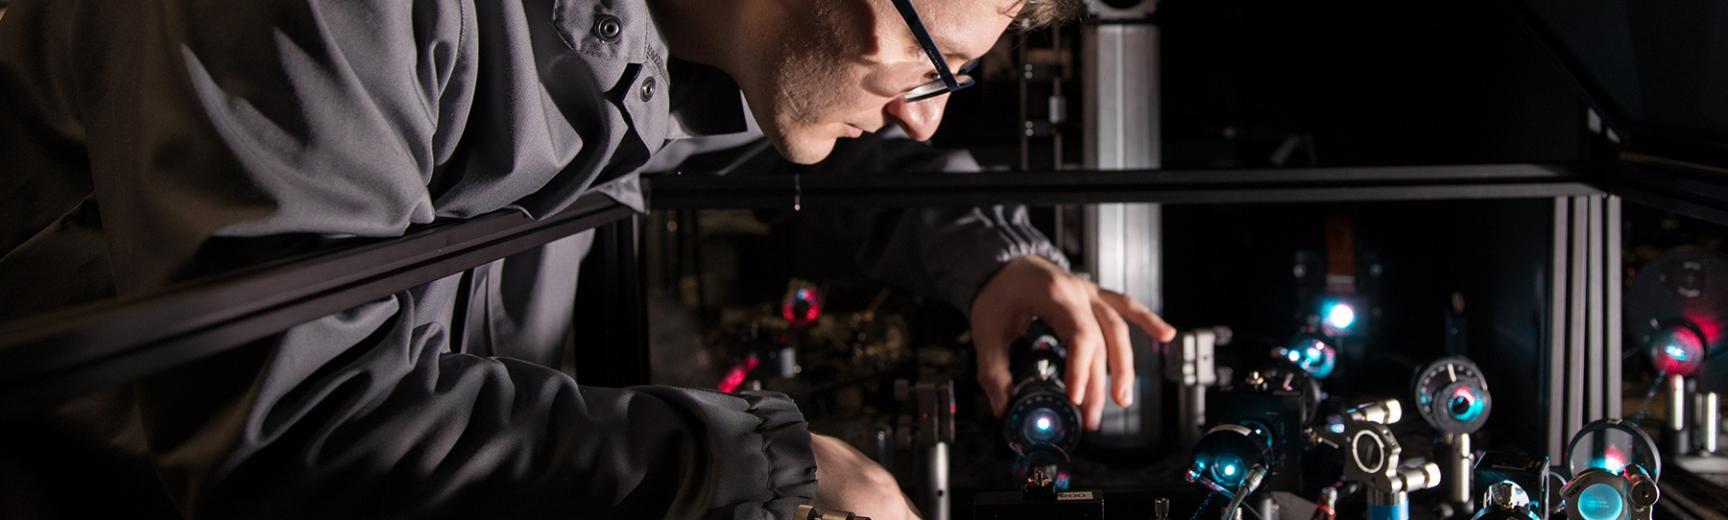 We widen the scope of biochemistry